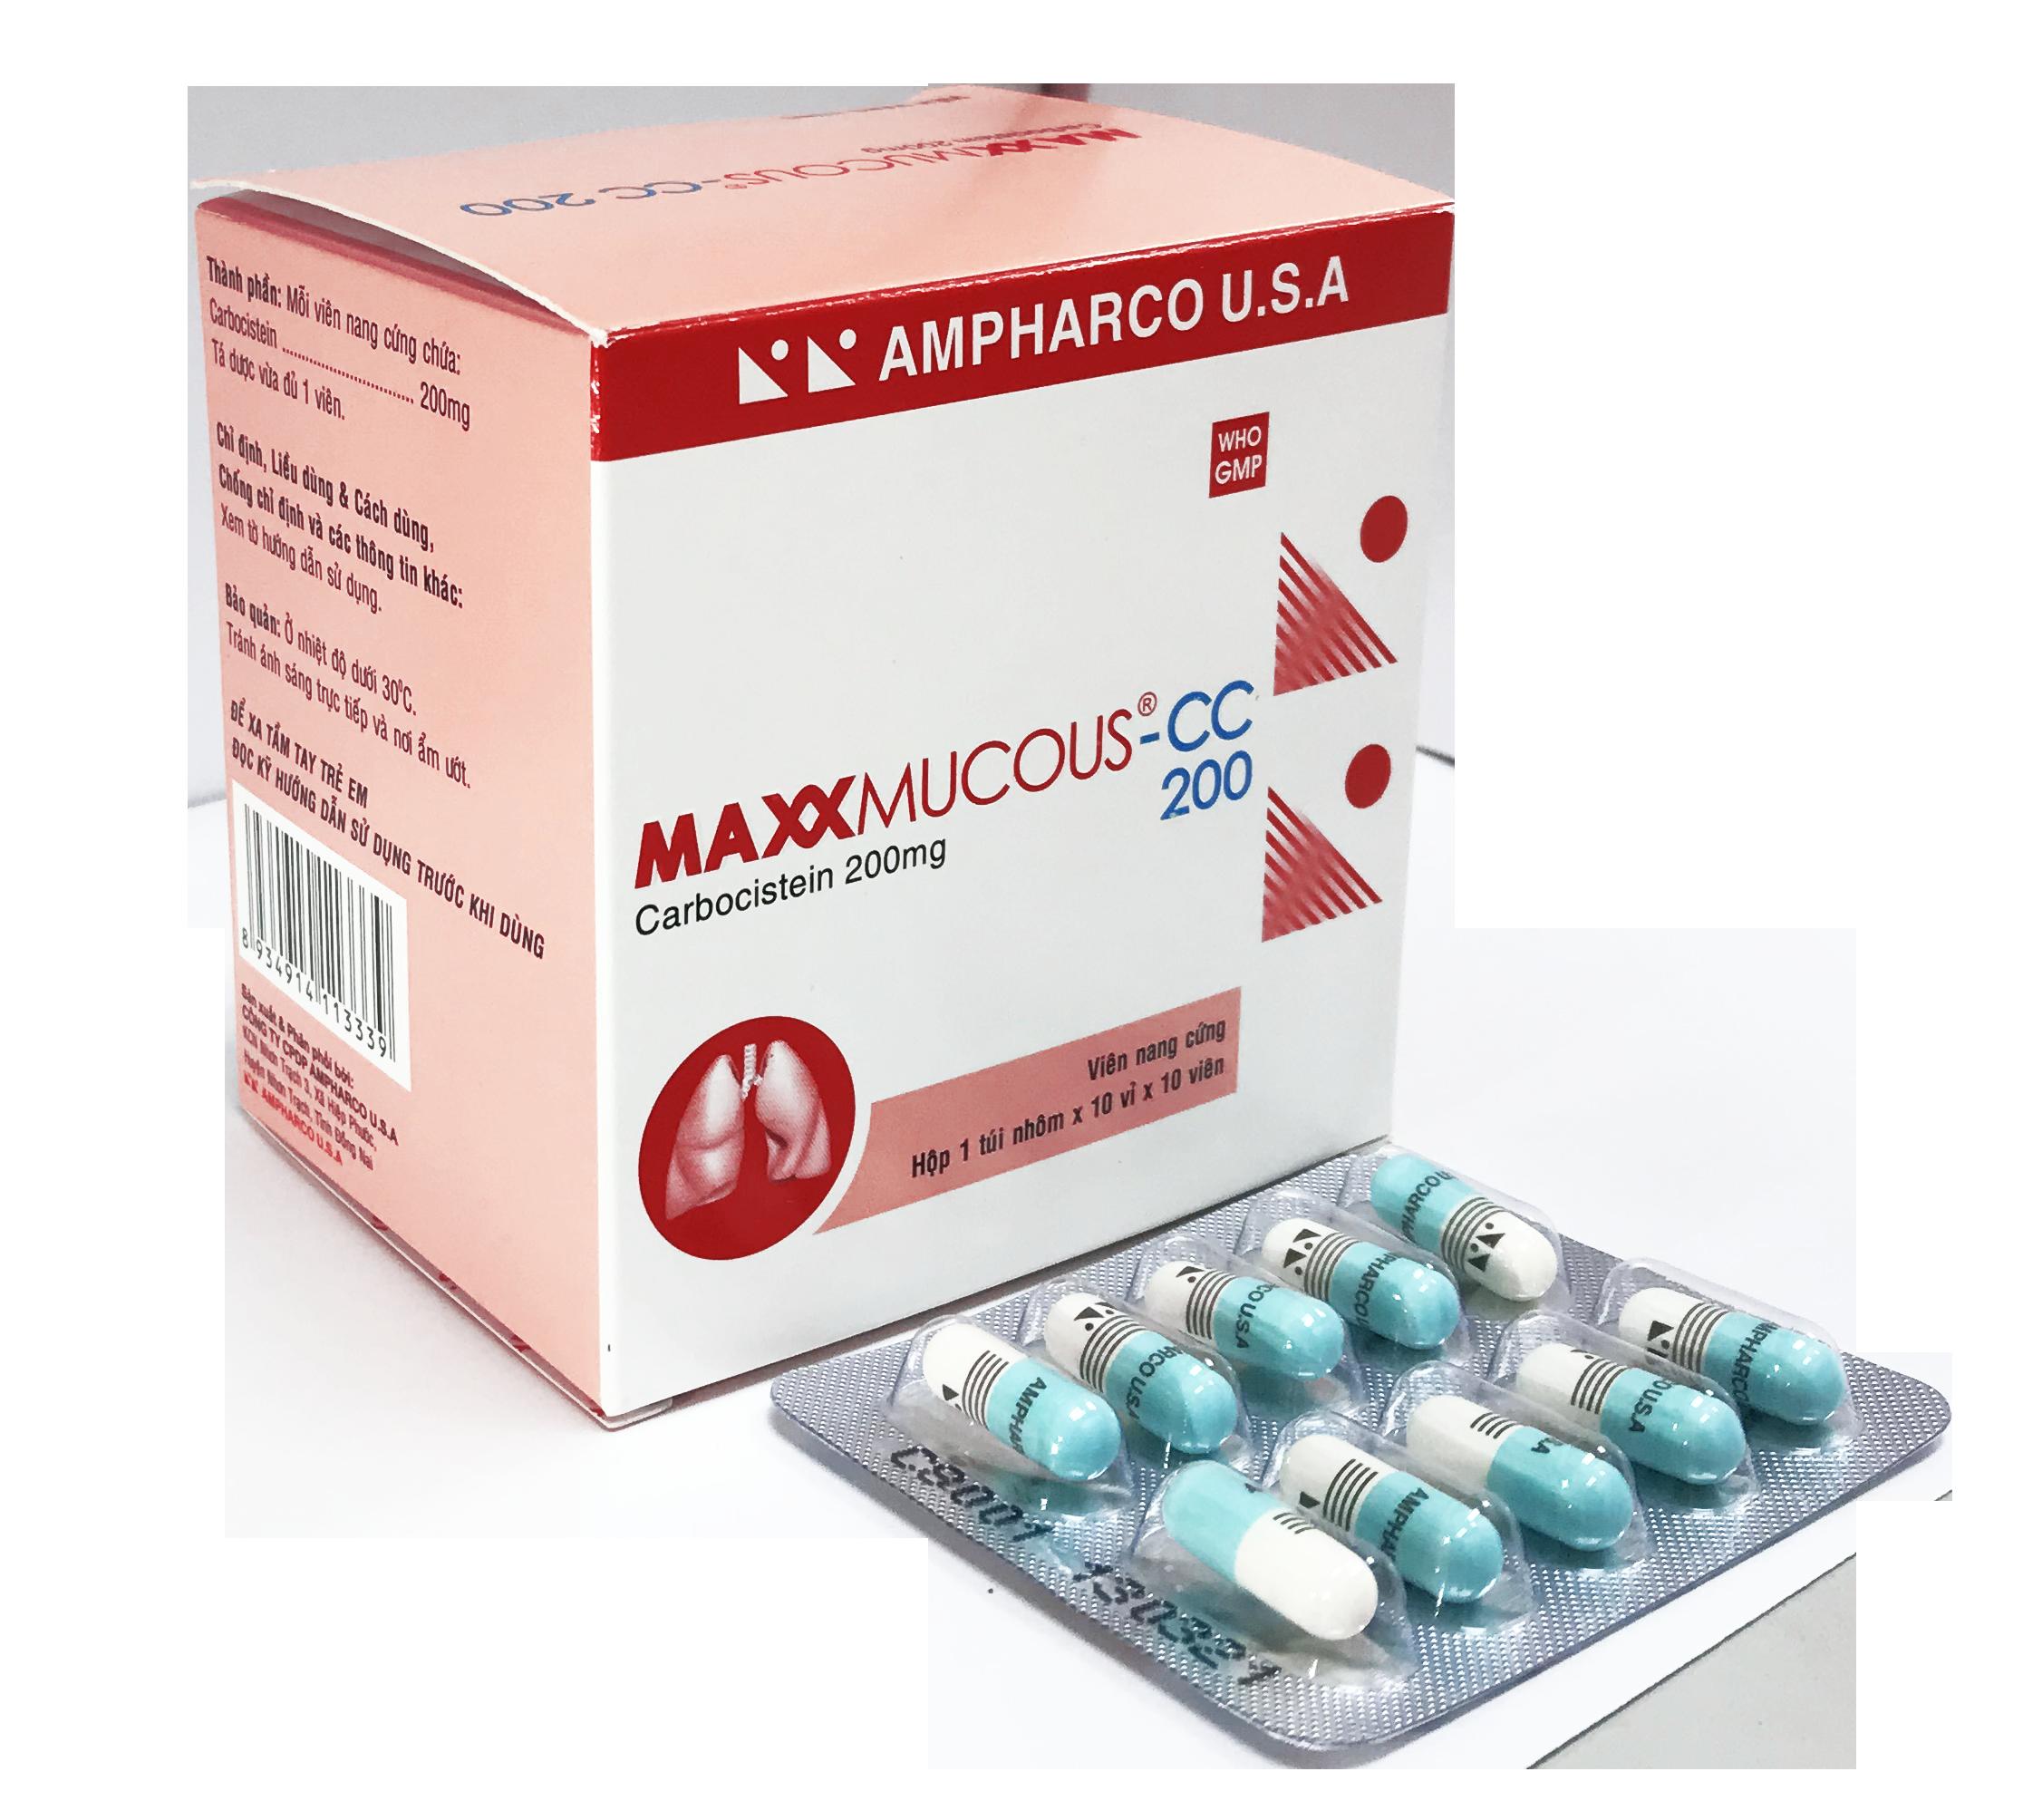 MAXXMUCOUS-CC 200 (Capsule)